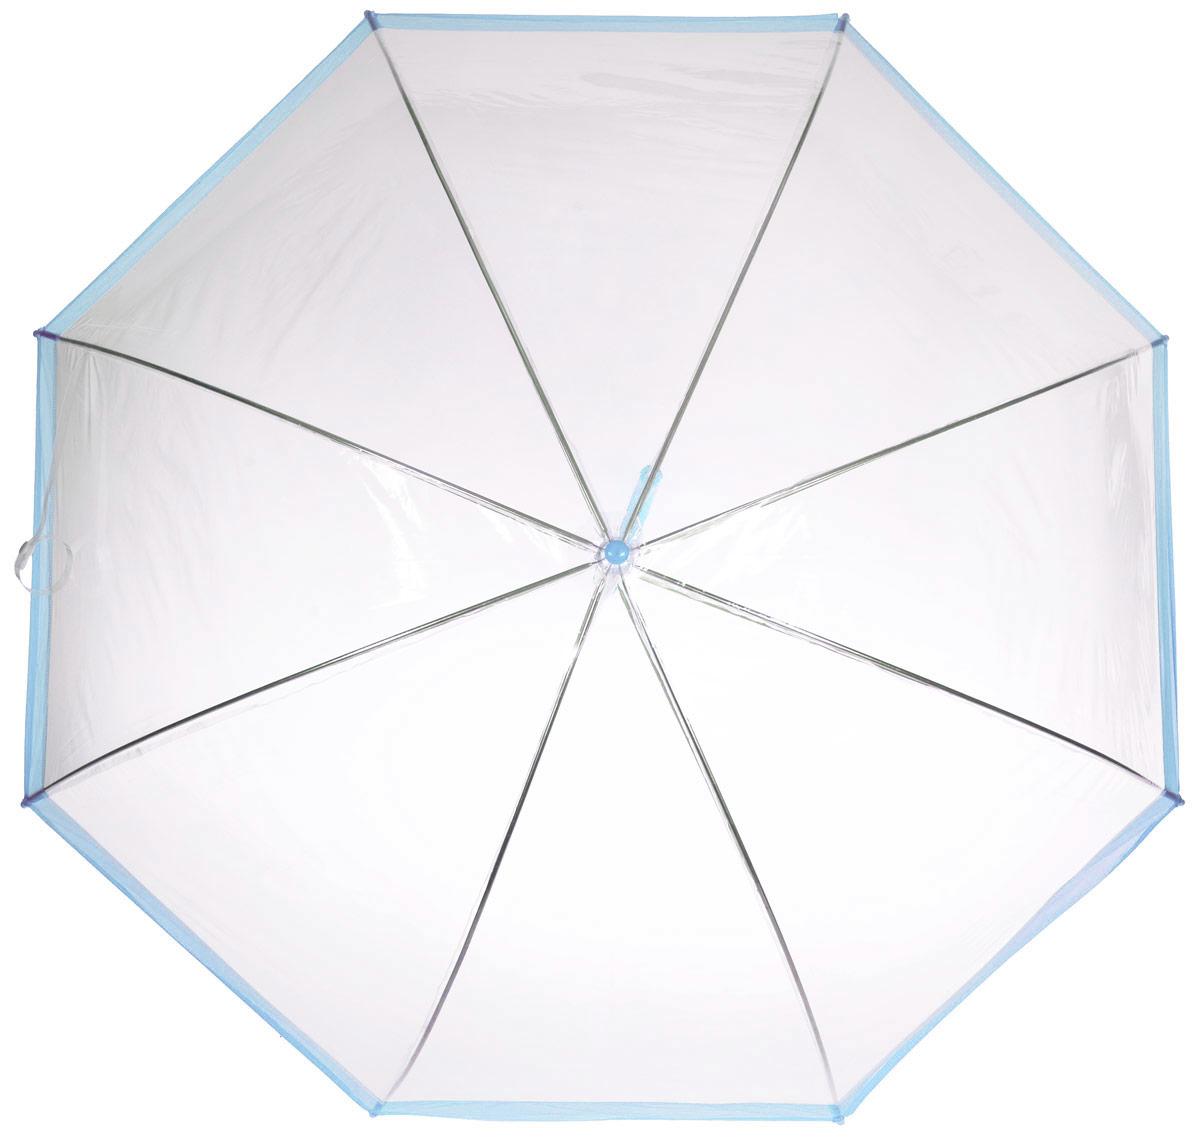 Зонт-трость женский Эврика, механика, цвет: прозрачный, голубой. 94292 цена и фото